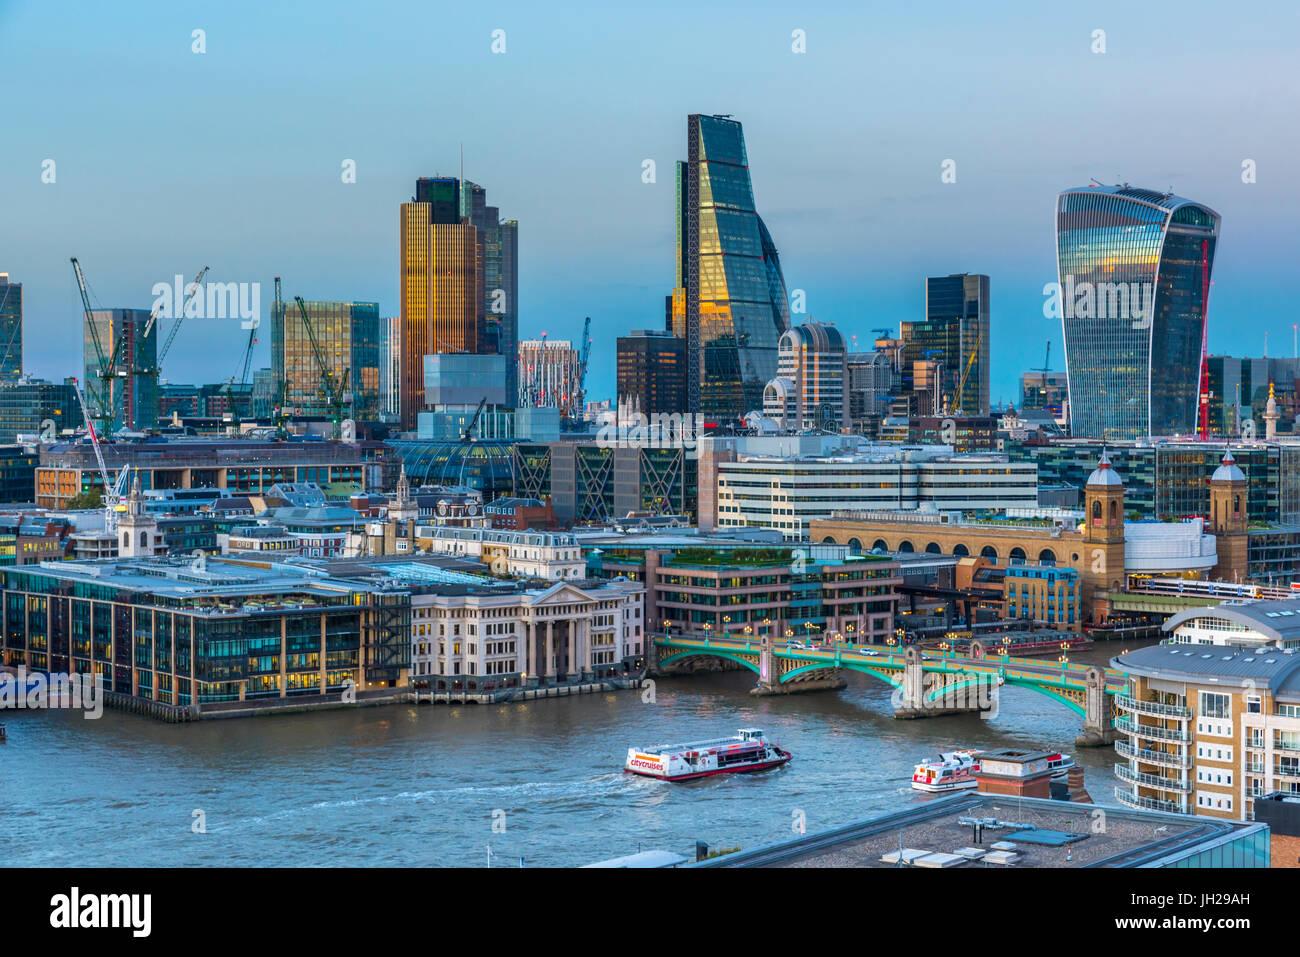 Der Londoner Skyline, Tower 42, The Cheesegrater und Walkie Talkie Wolkenkratzer, London, England, Vereinigtes Königreich, Stockbild